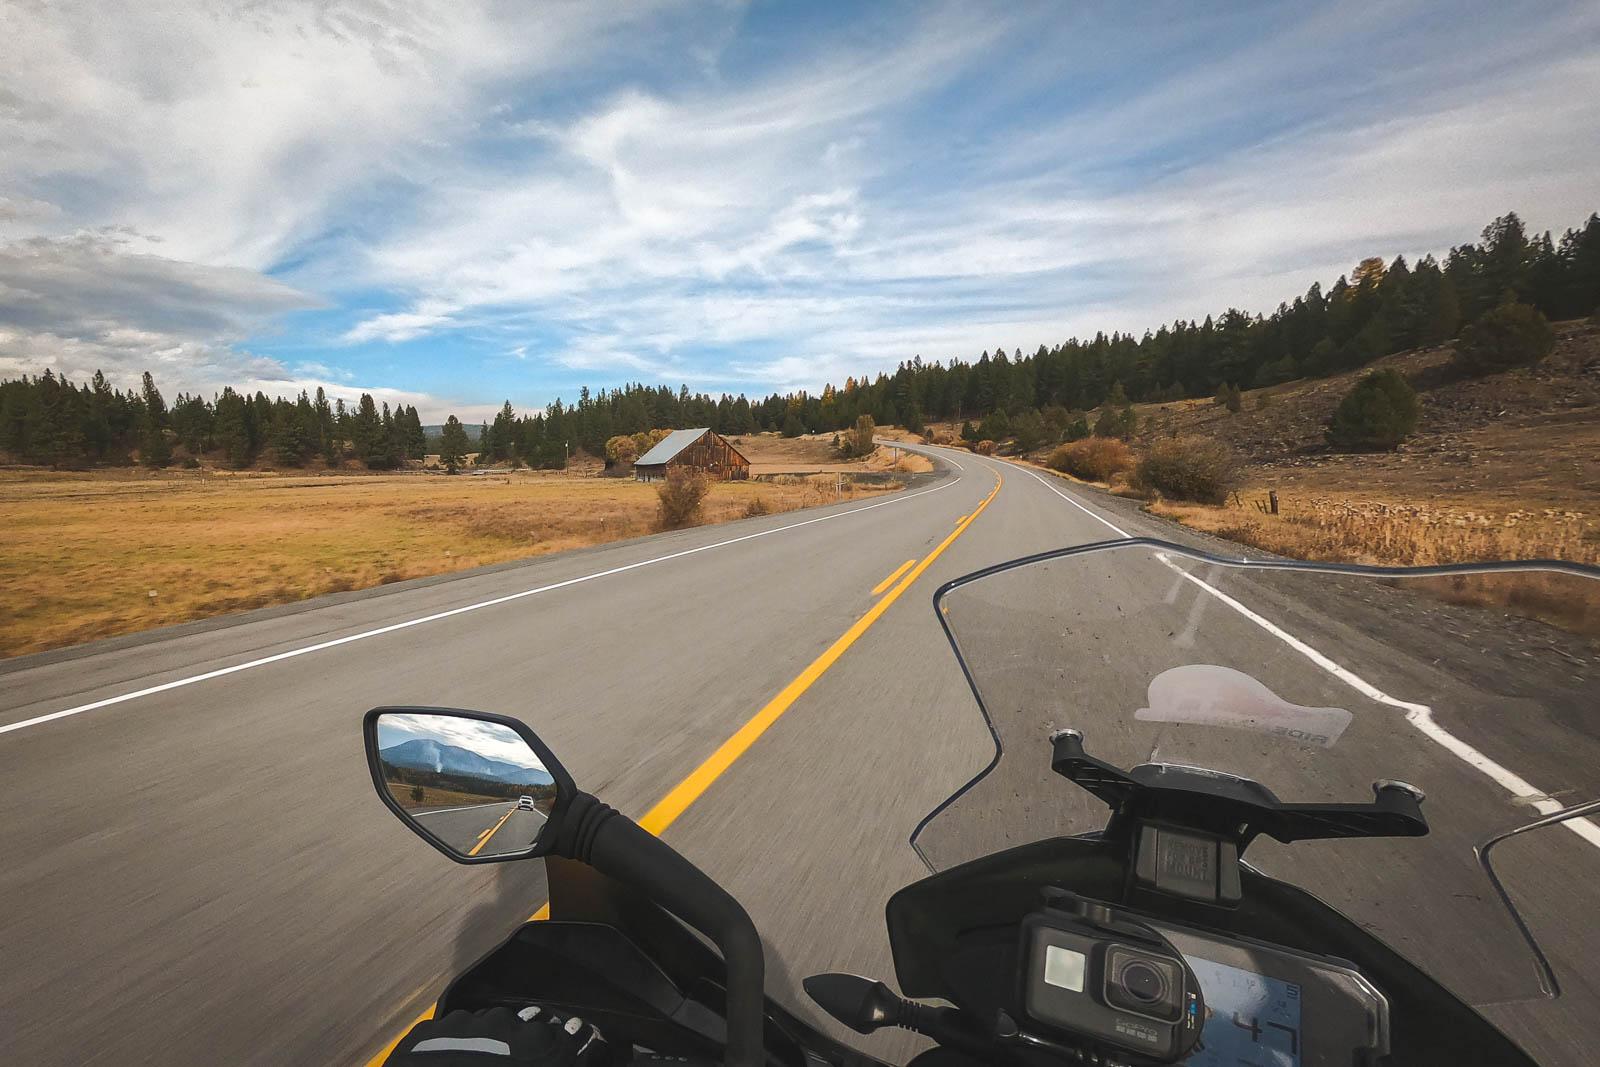 adventure_motorcycle_tour_oregon_cockpit